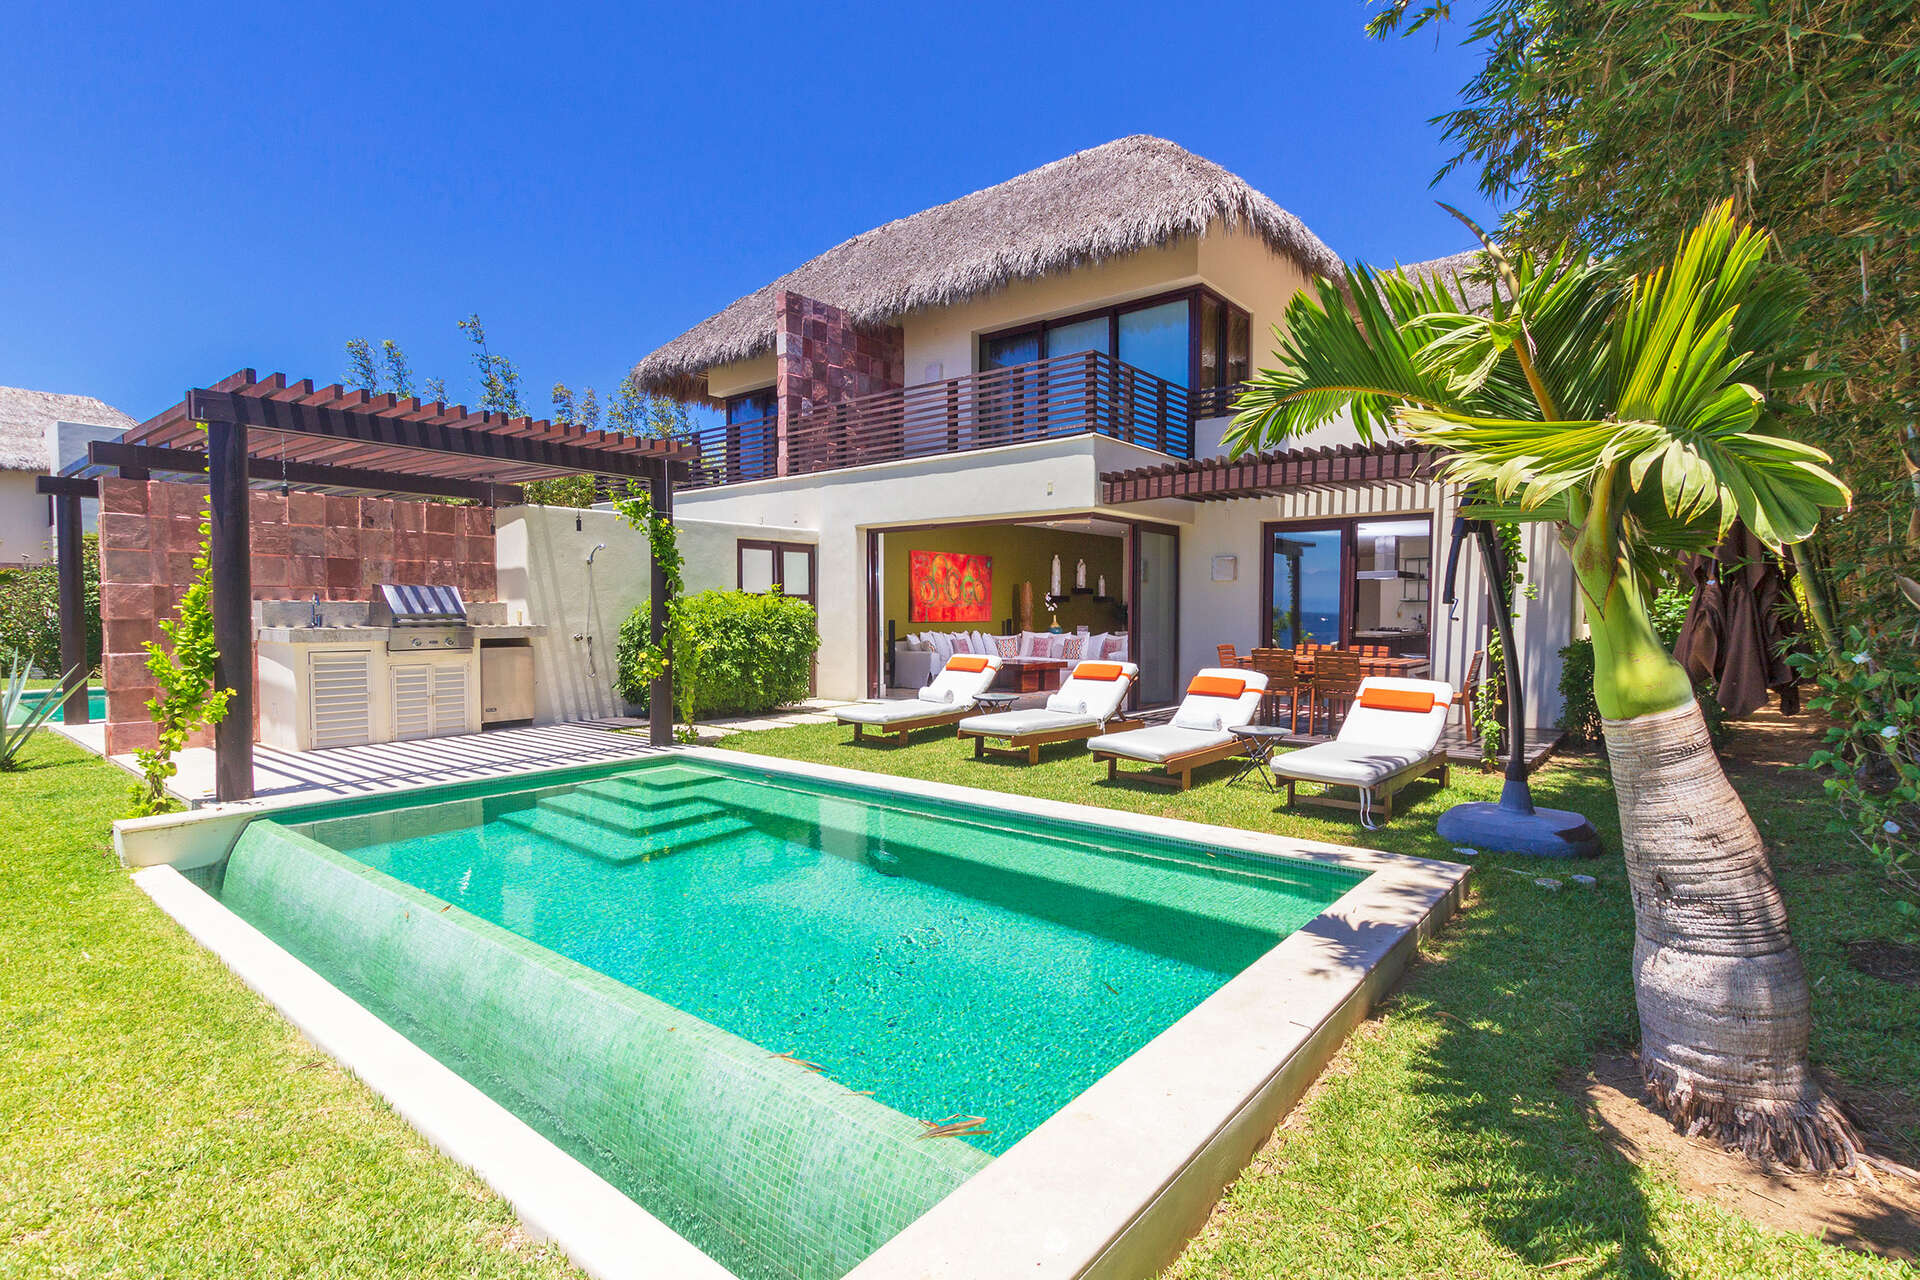 Luxury vacation rentals mexico - Punta mita - Porta fortuna - No location 4 - Turquesa - Image 1/24